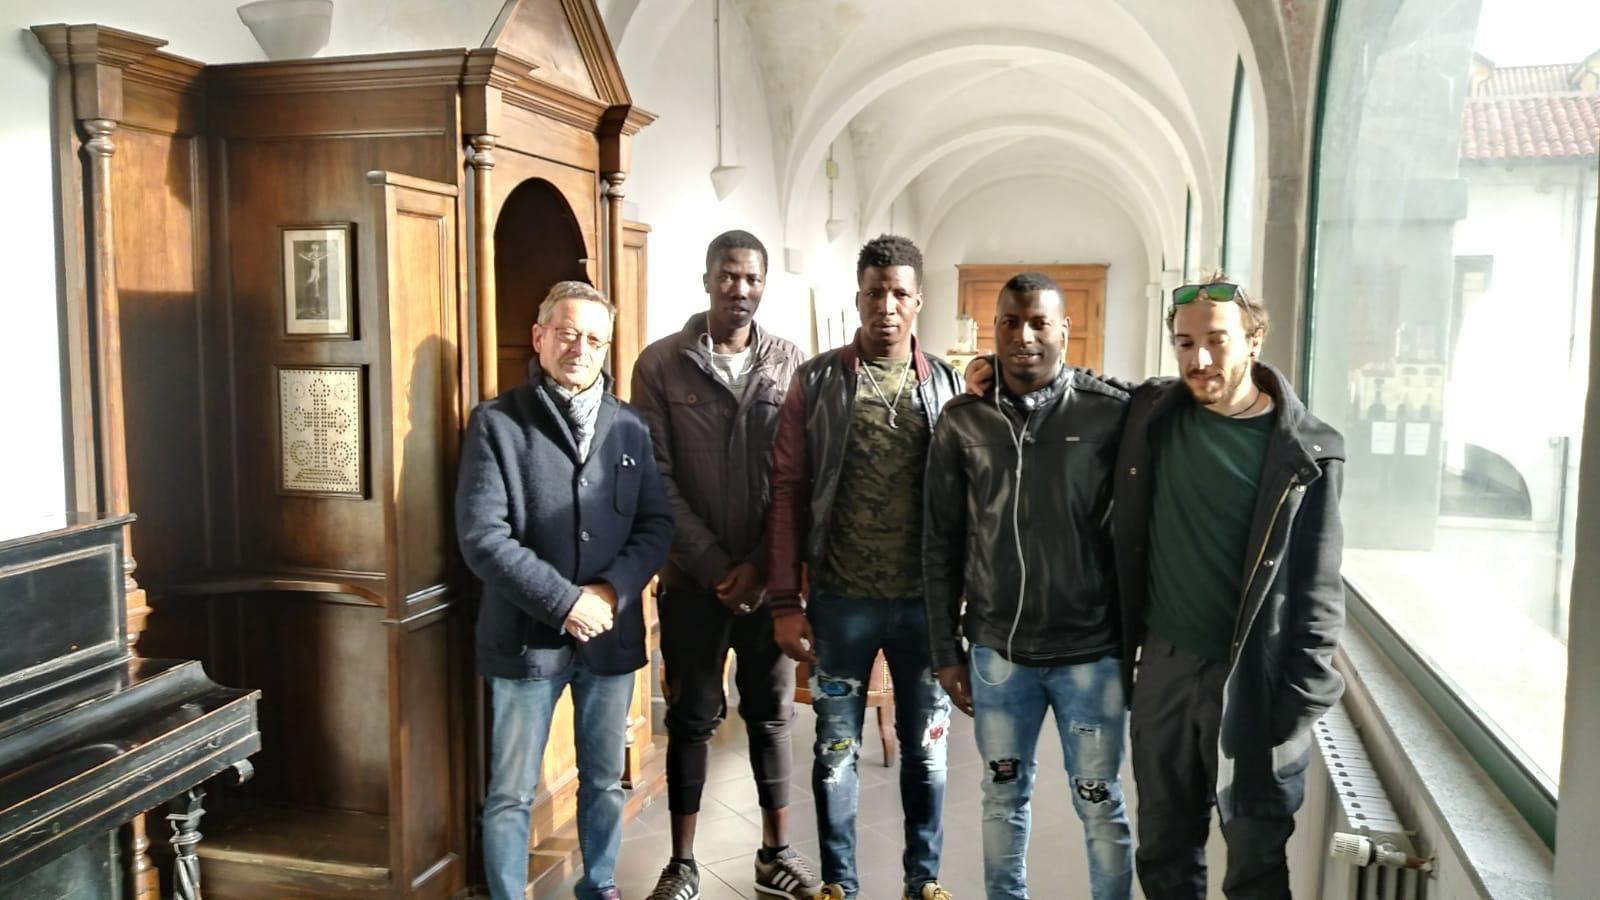 CUORGNE' - Richiedenti asilo al lavoro in collaborazione con il Comune - FOTO